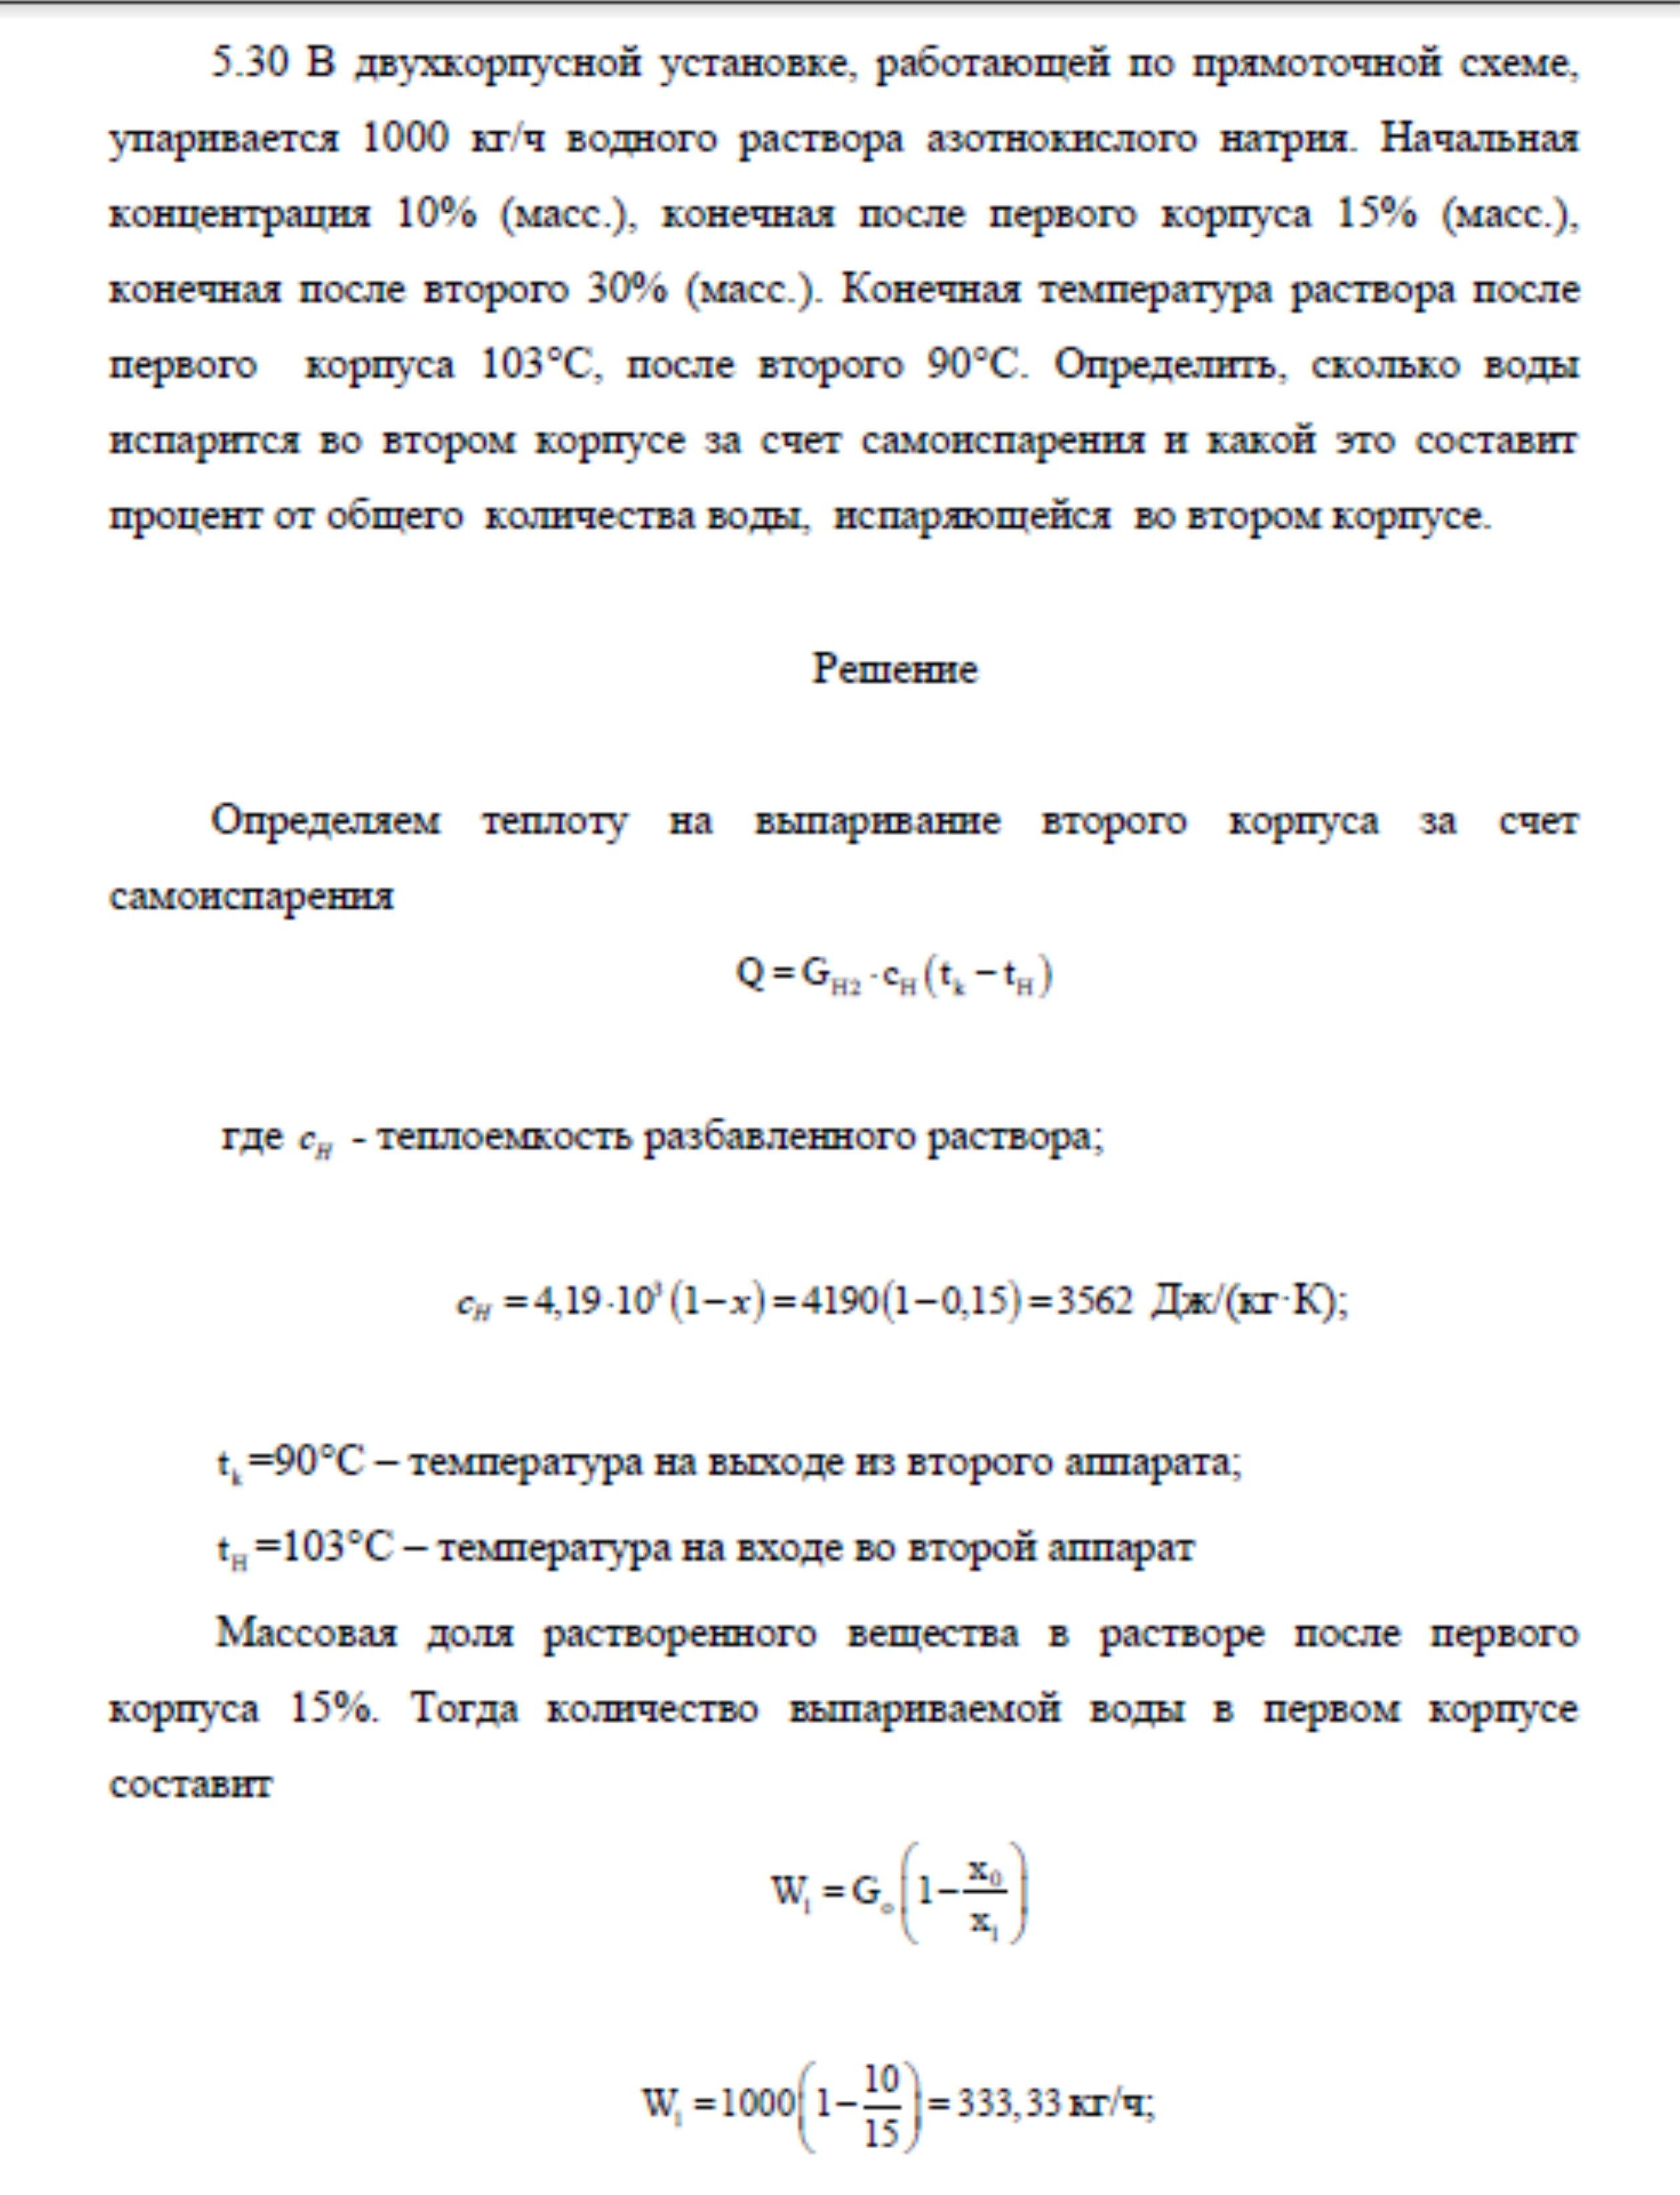 Решение задачи 5.30 по ПАХТ из задачника Павлова Романкова Носкова